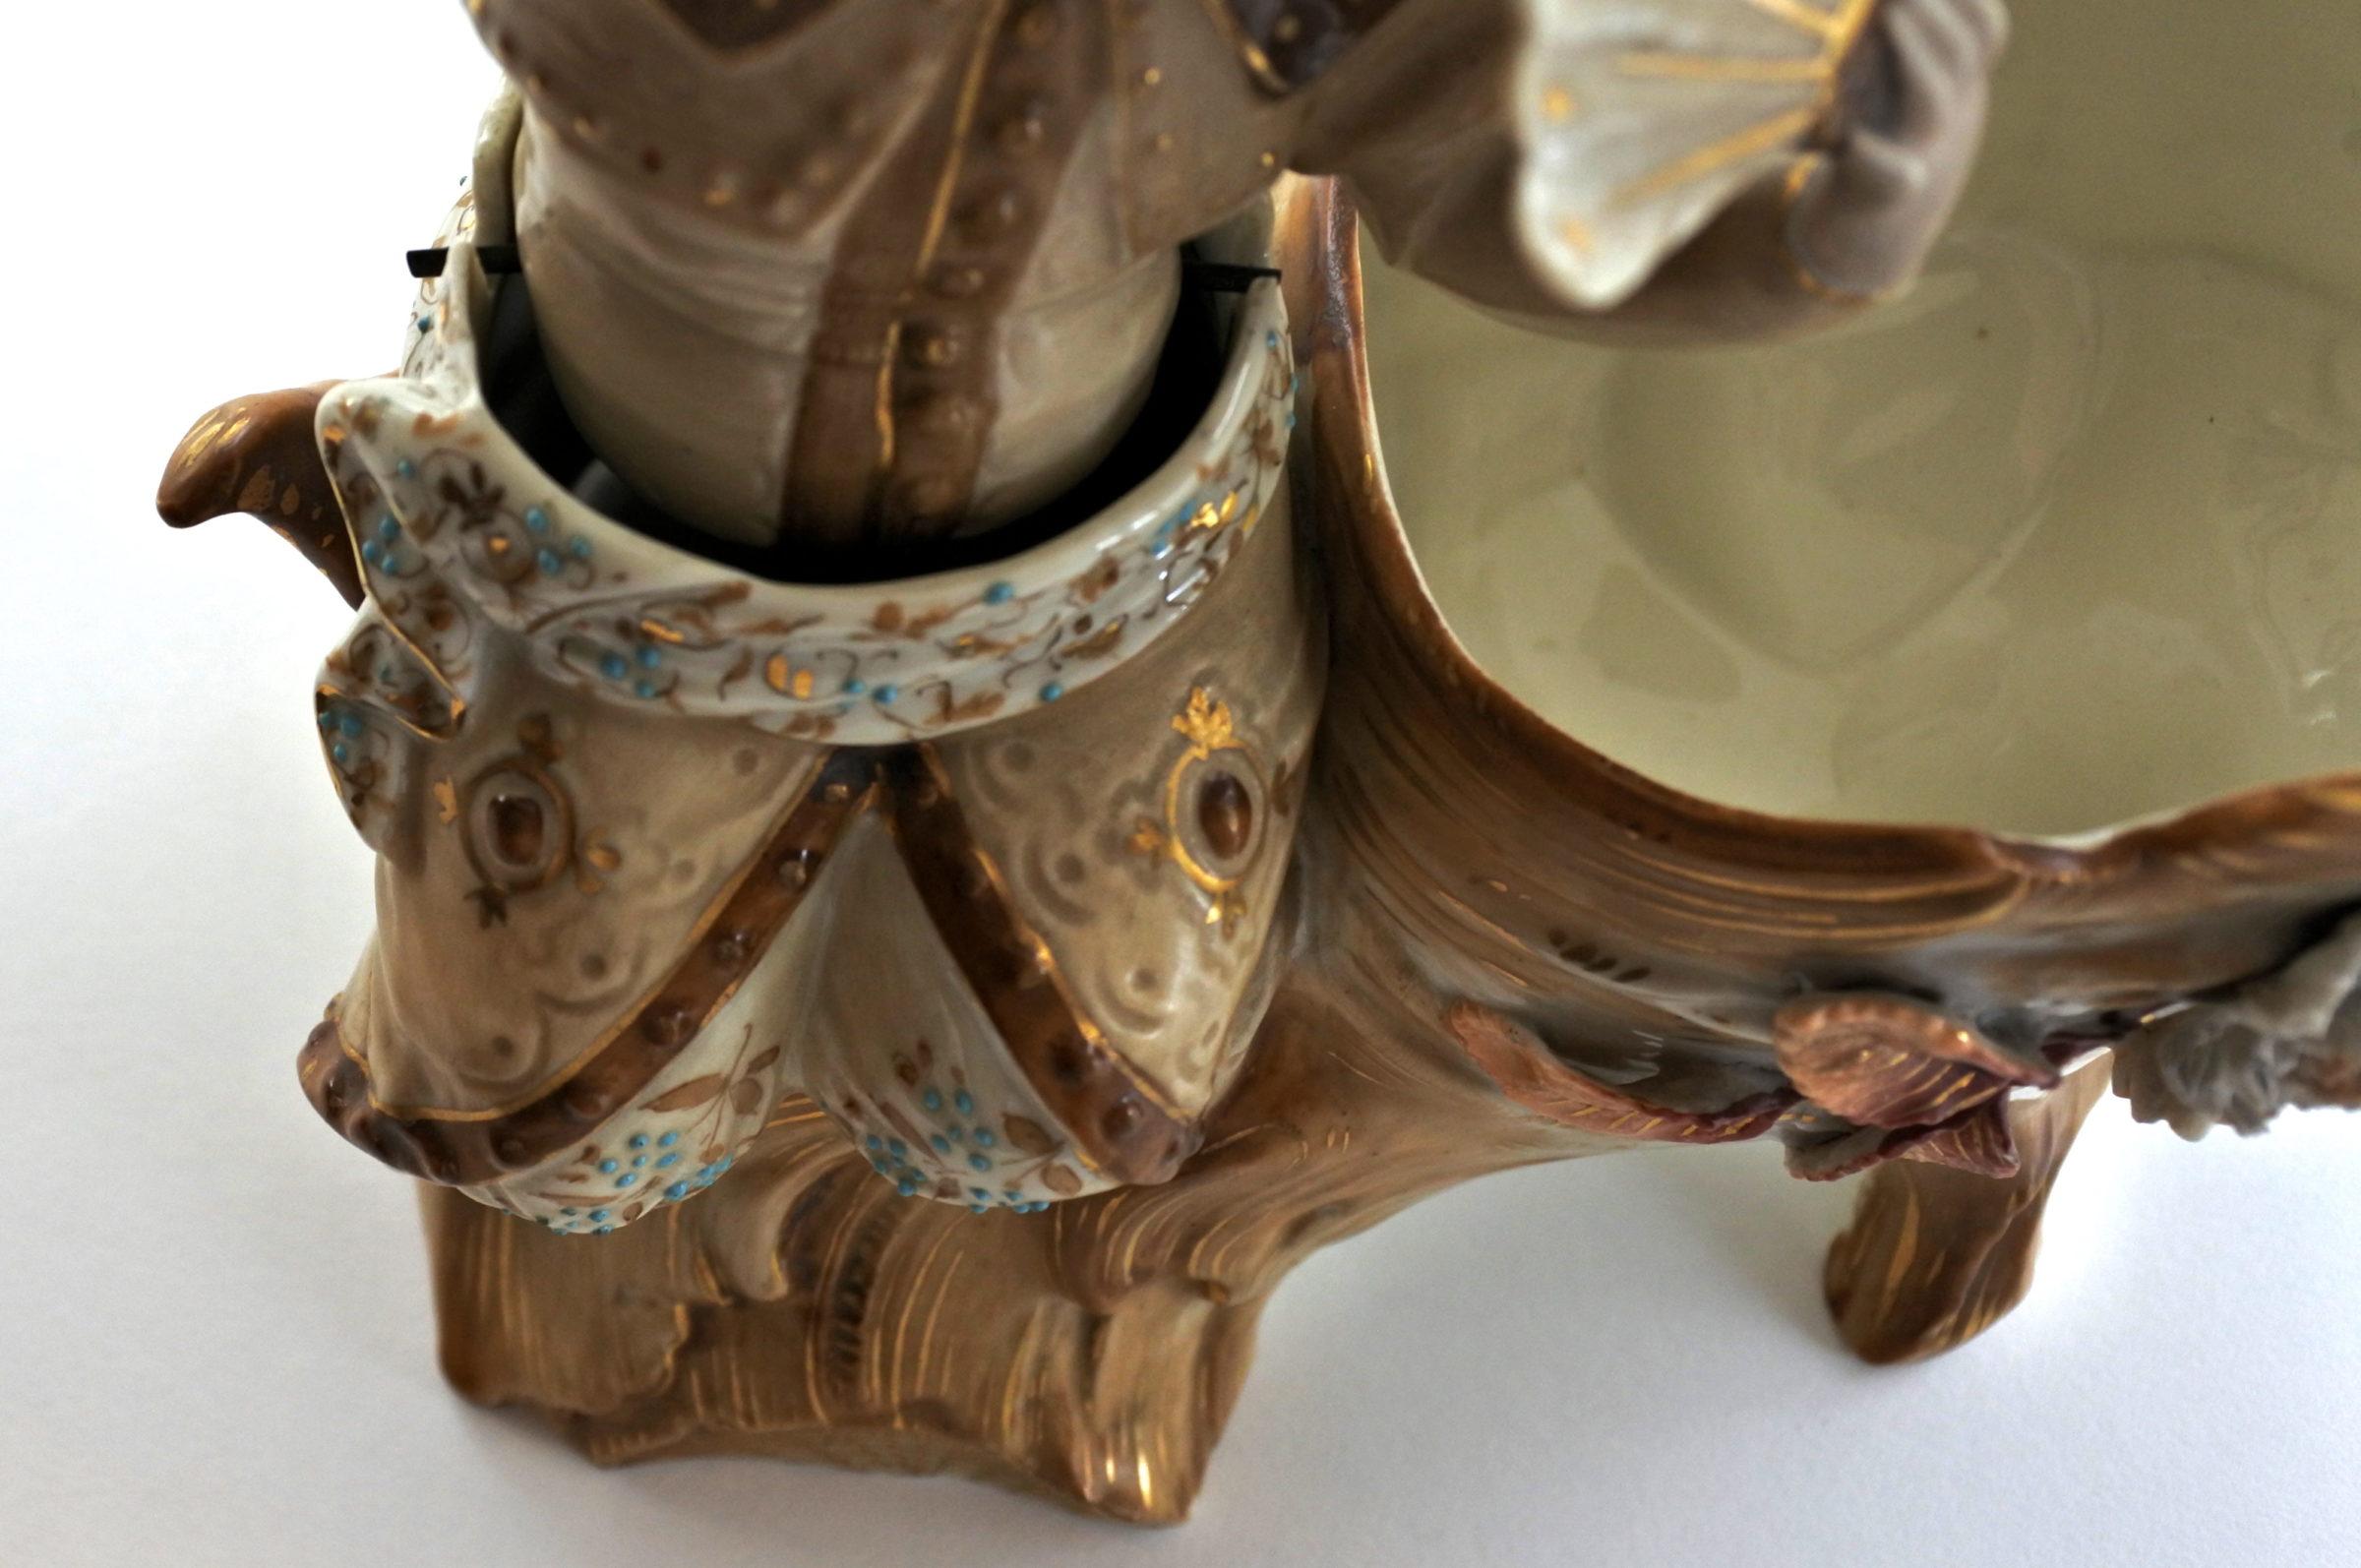 Cinese basculante in ceramica - Trembleur - 6